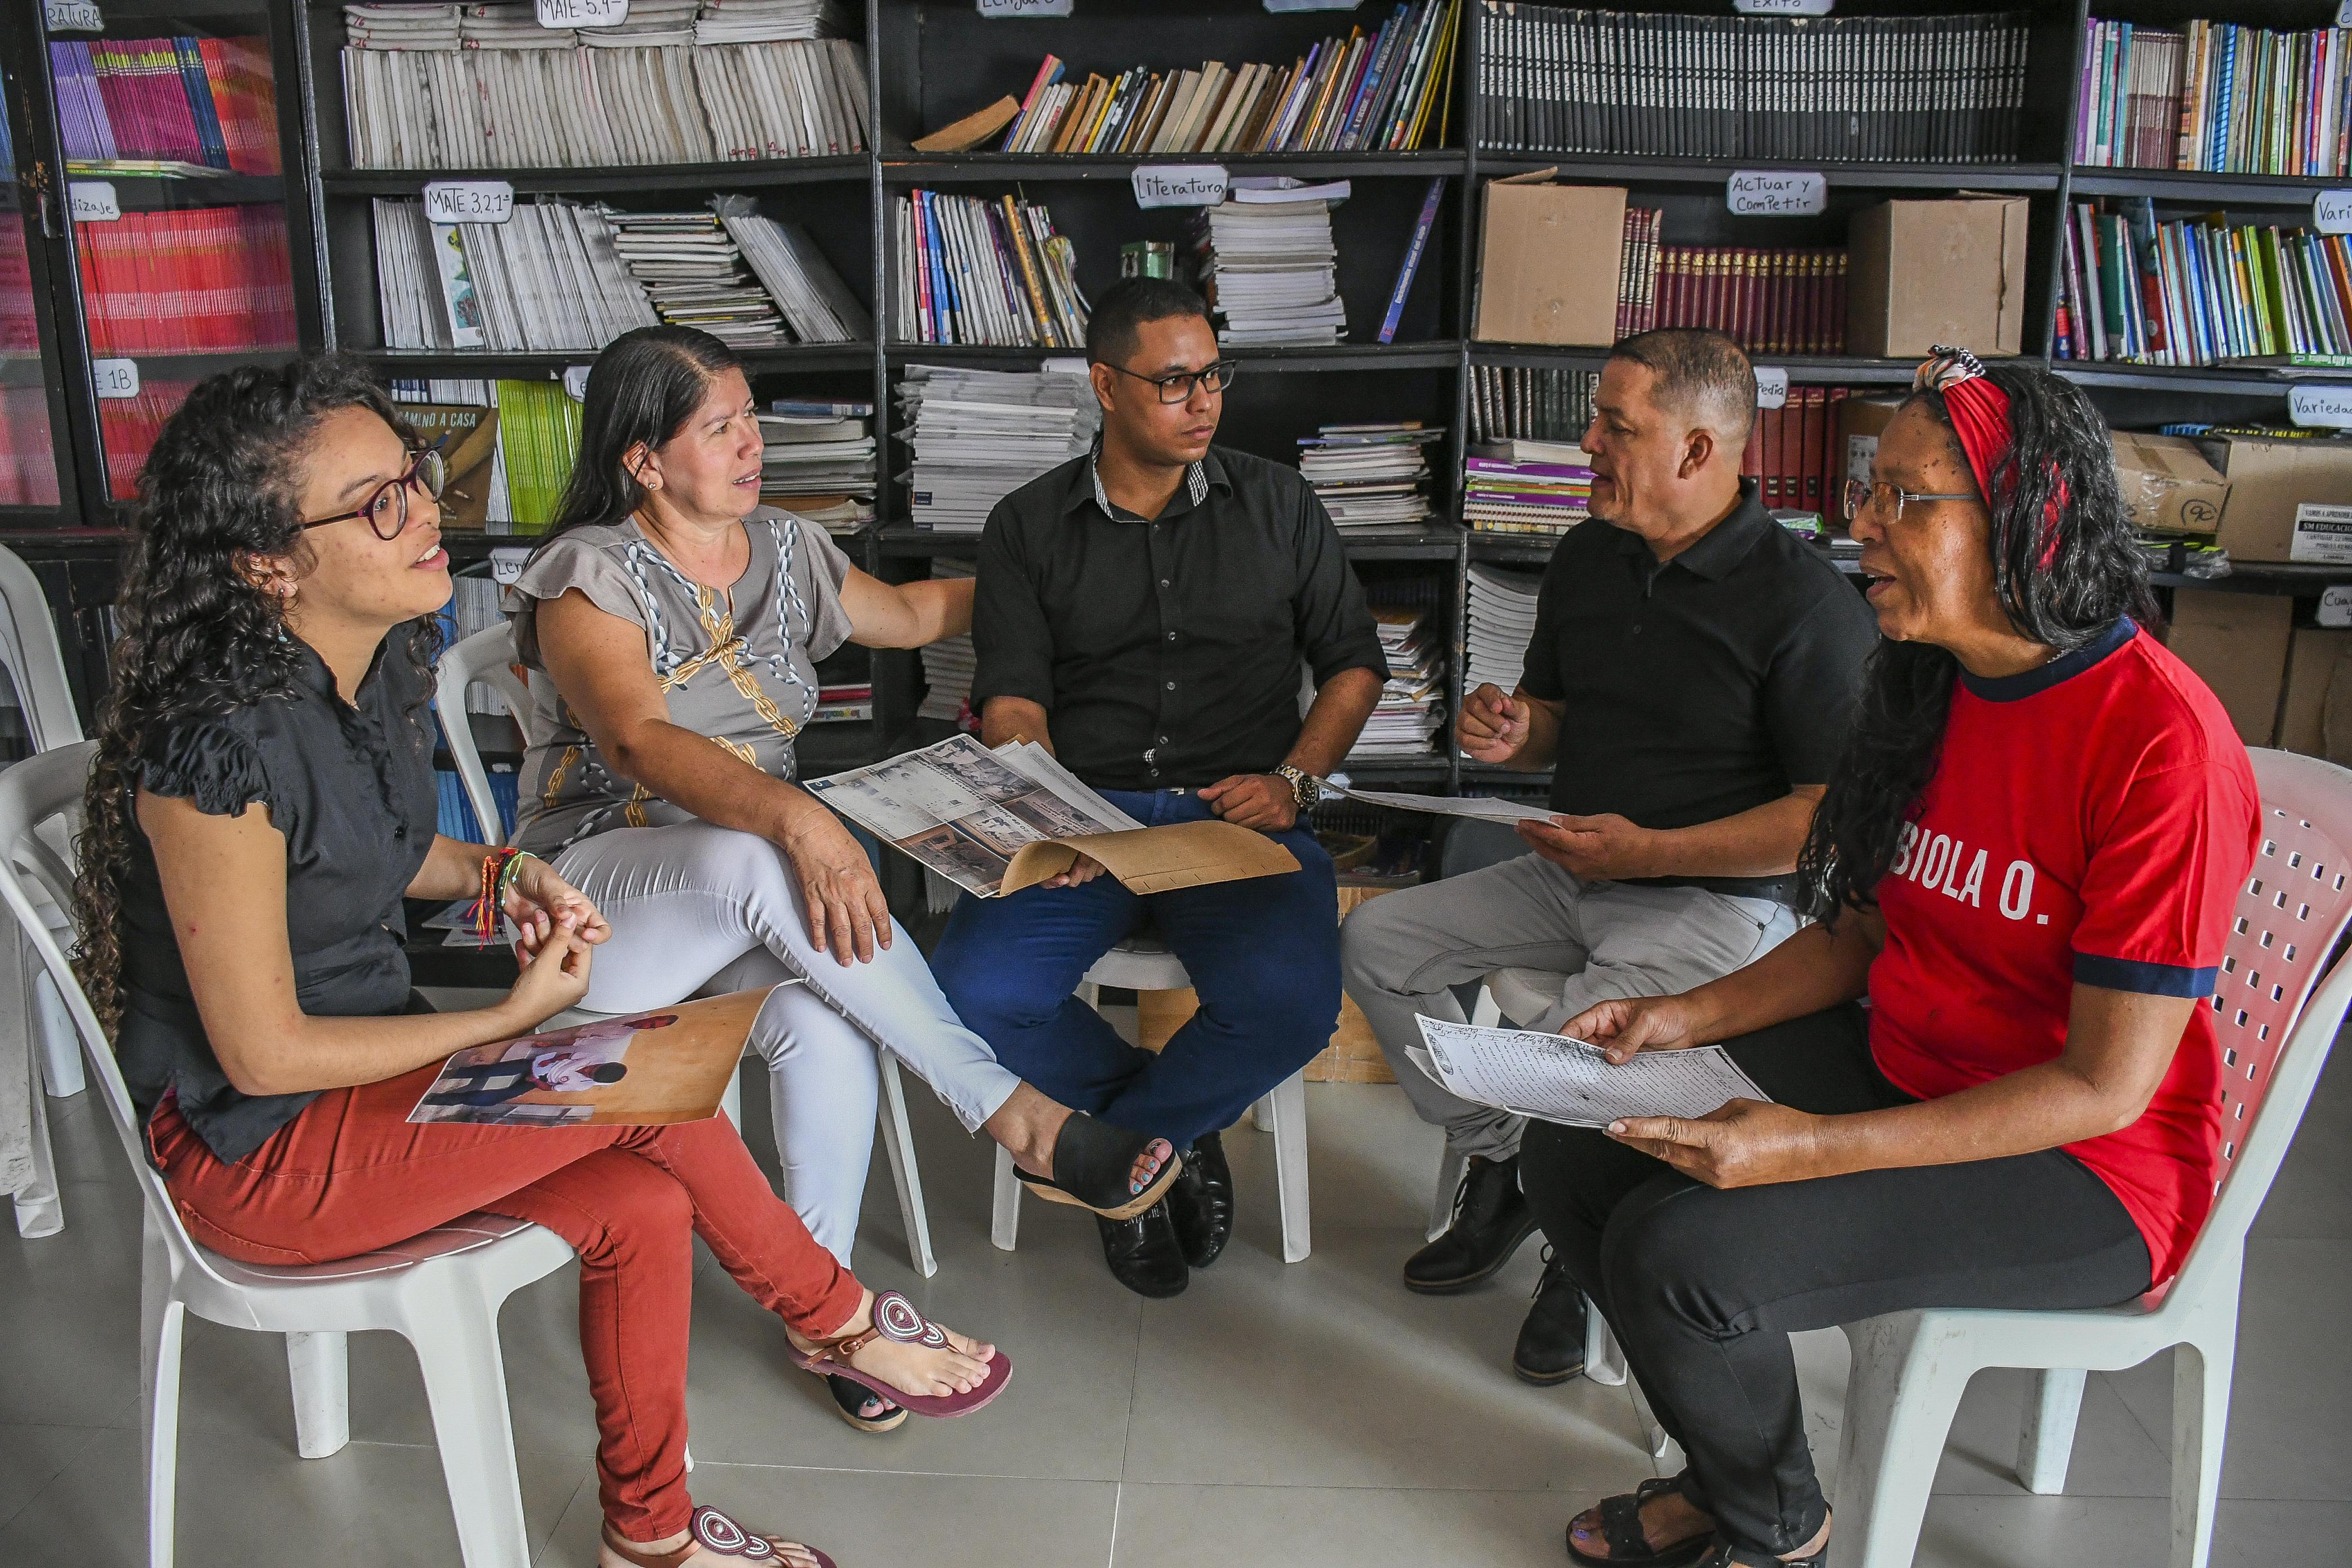 El grupo de historiadores de la Ciudadela 20 de Julio se reunió 14 años después de publicada su tesis.